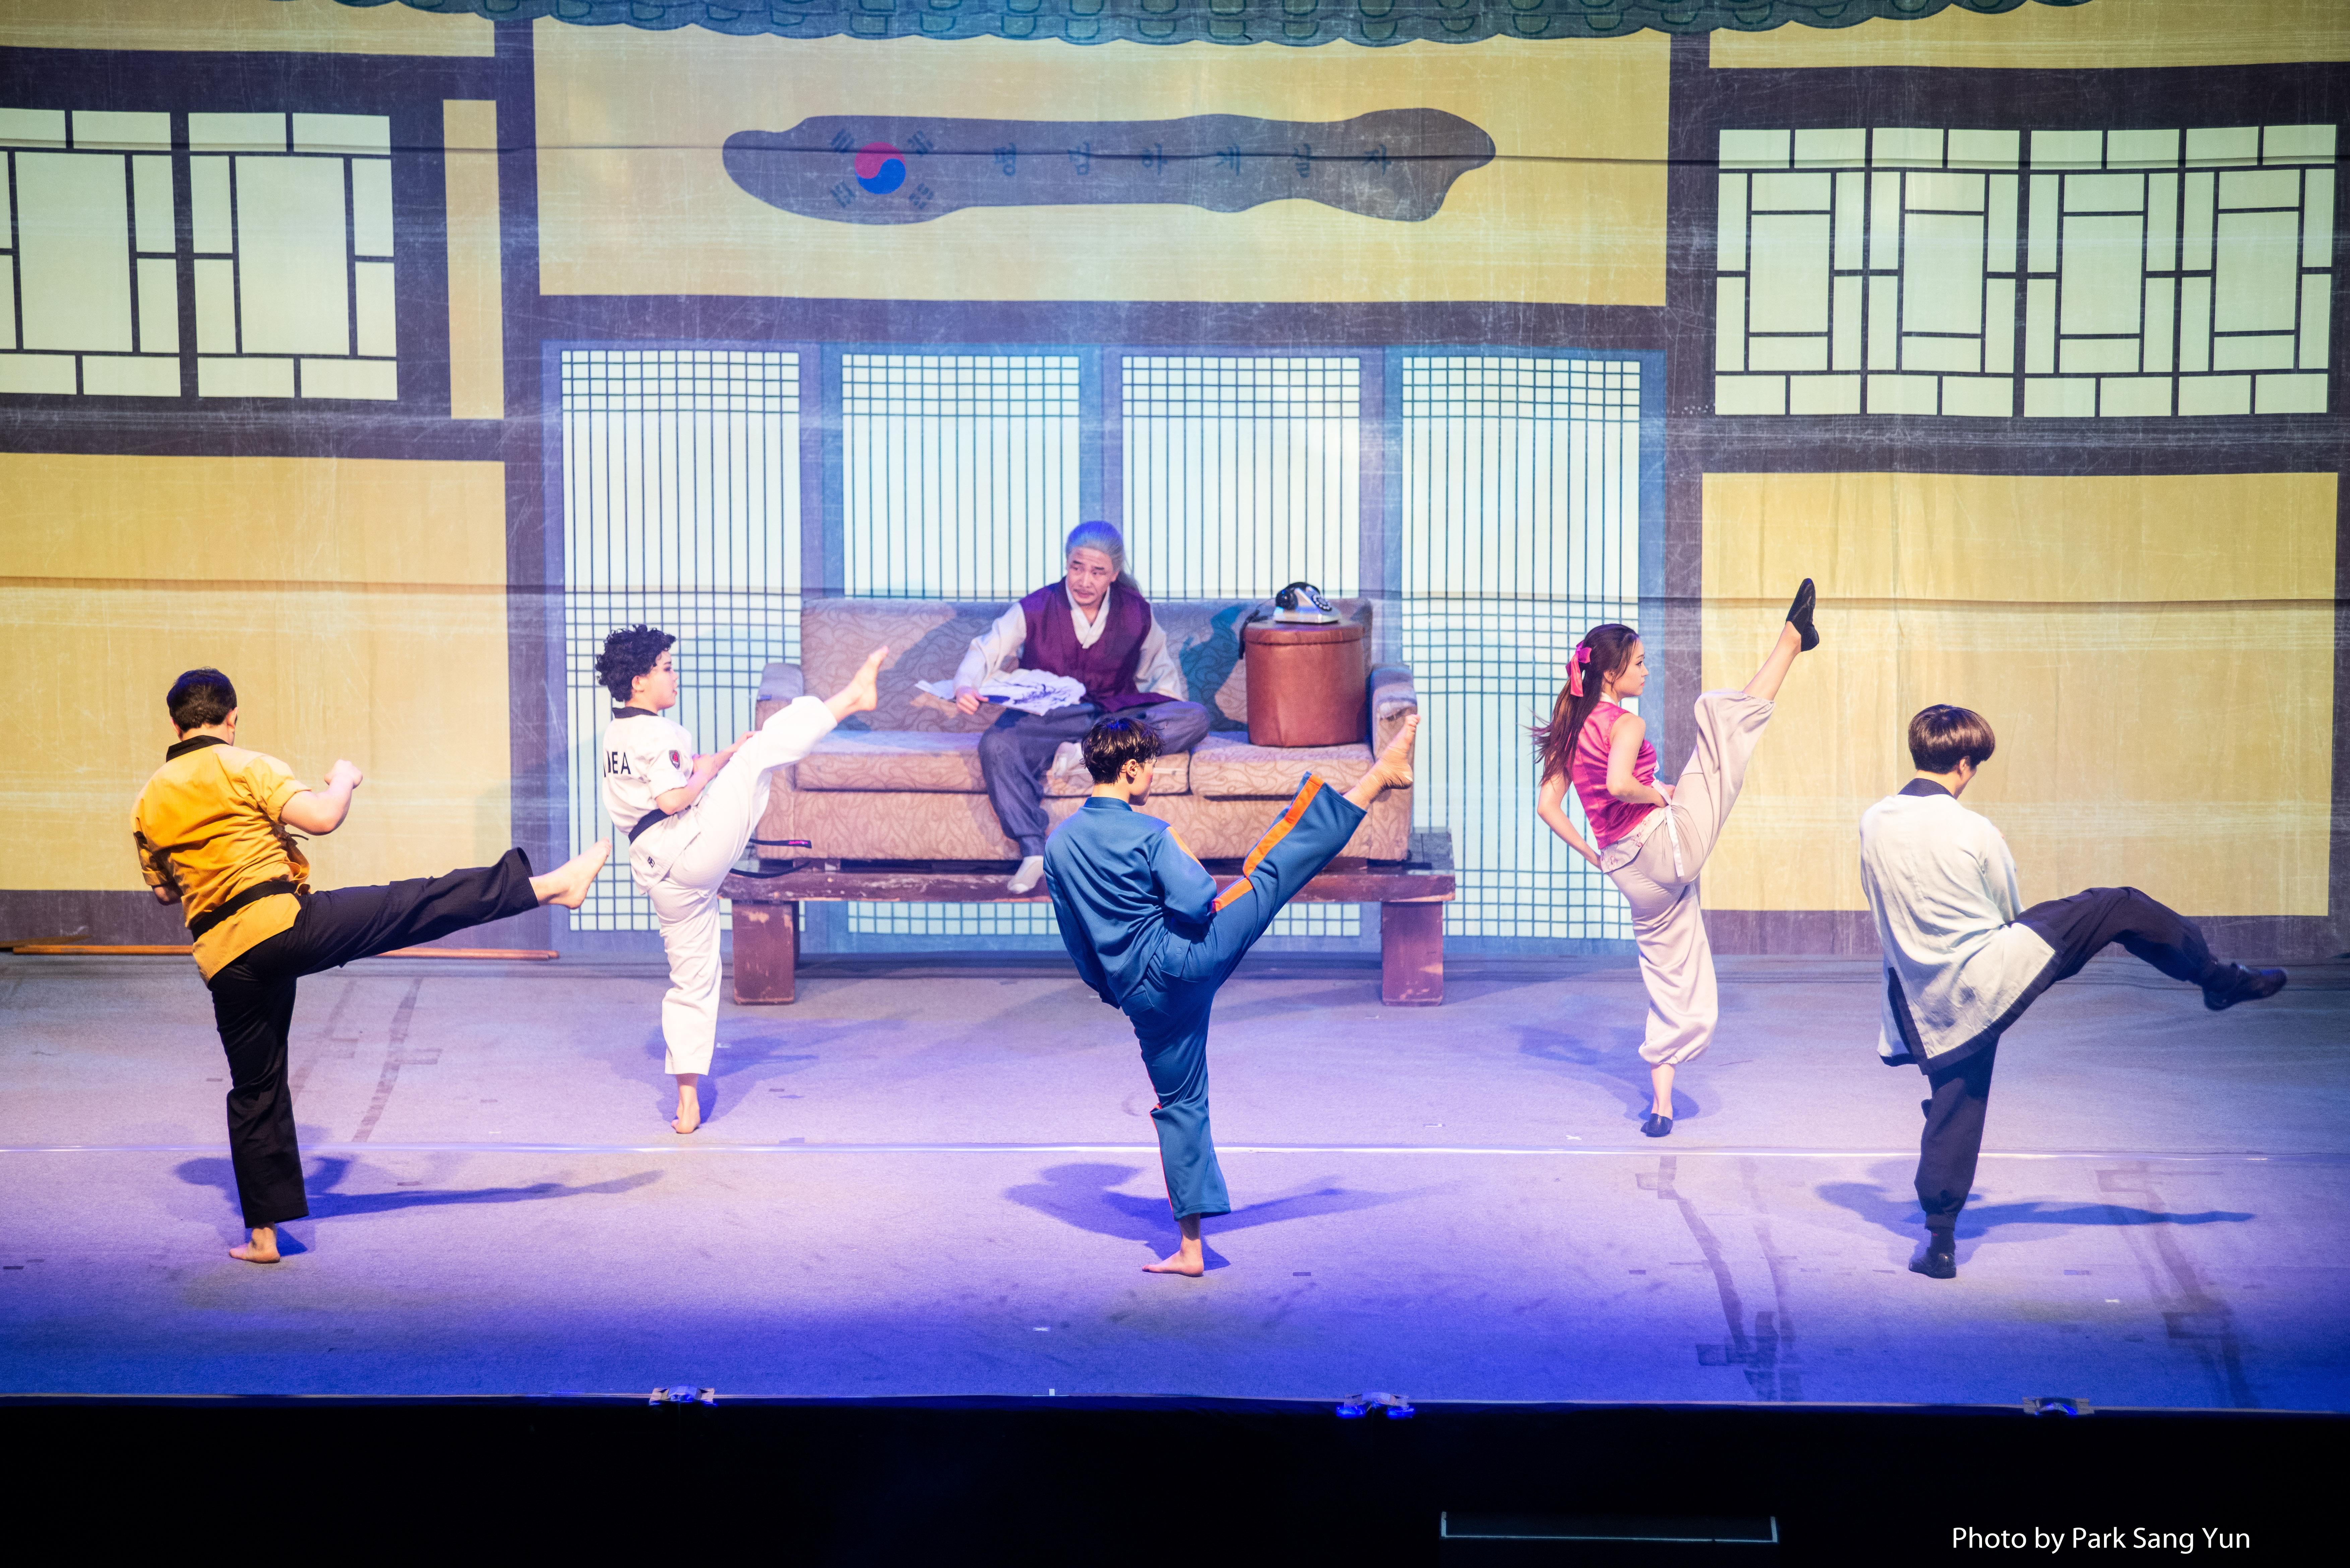 5월 가정의달 특집으로 진행한 '포스코 키즈콘서트' 점프 공연 모습 출연자들이 멋진 앞차기를 선보이고 있다.